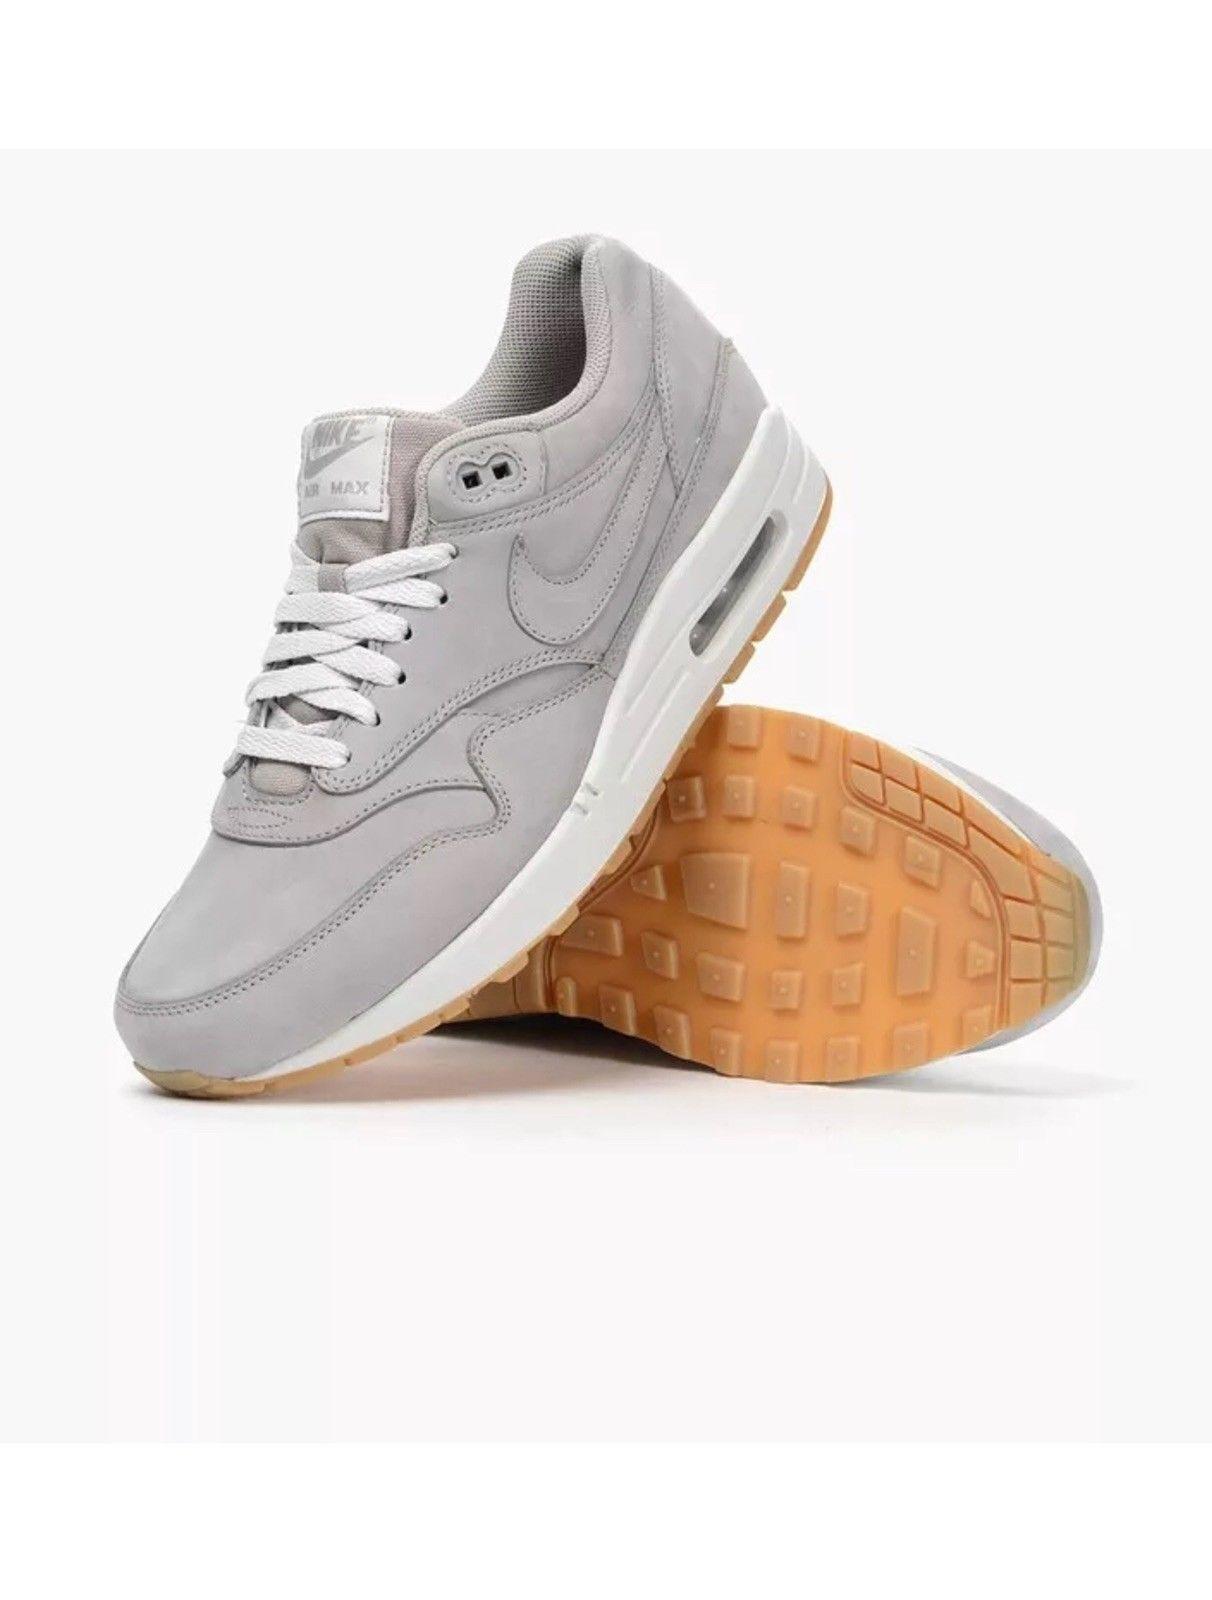 Nike Men's Air Max 1 LTR Premium Meduim Grey sz 10.5 [705282 005] nubuck suede